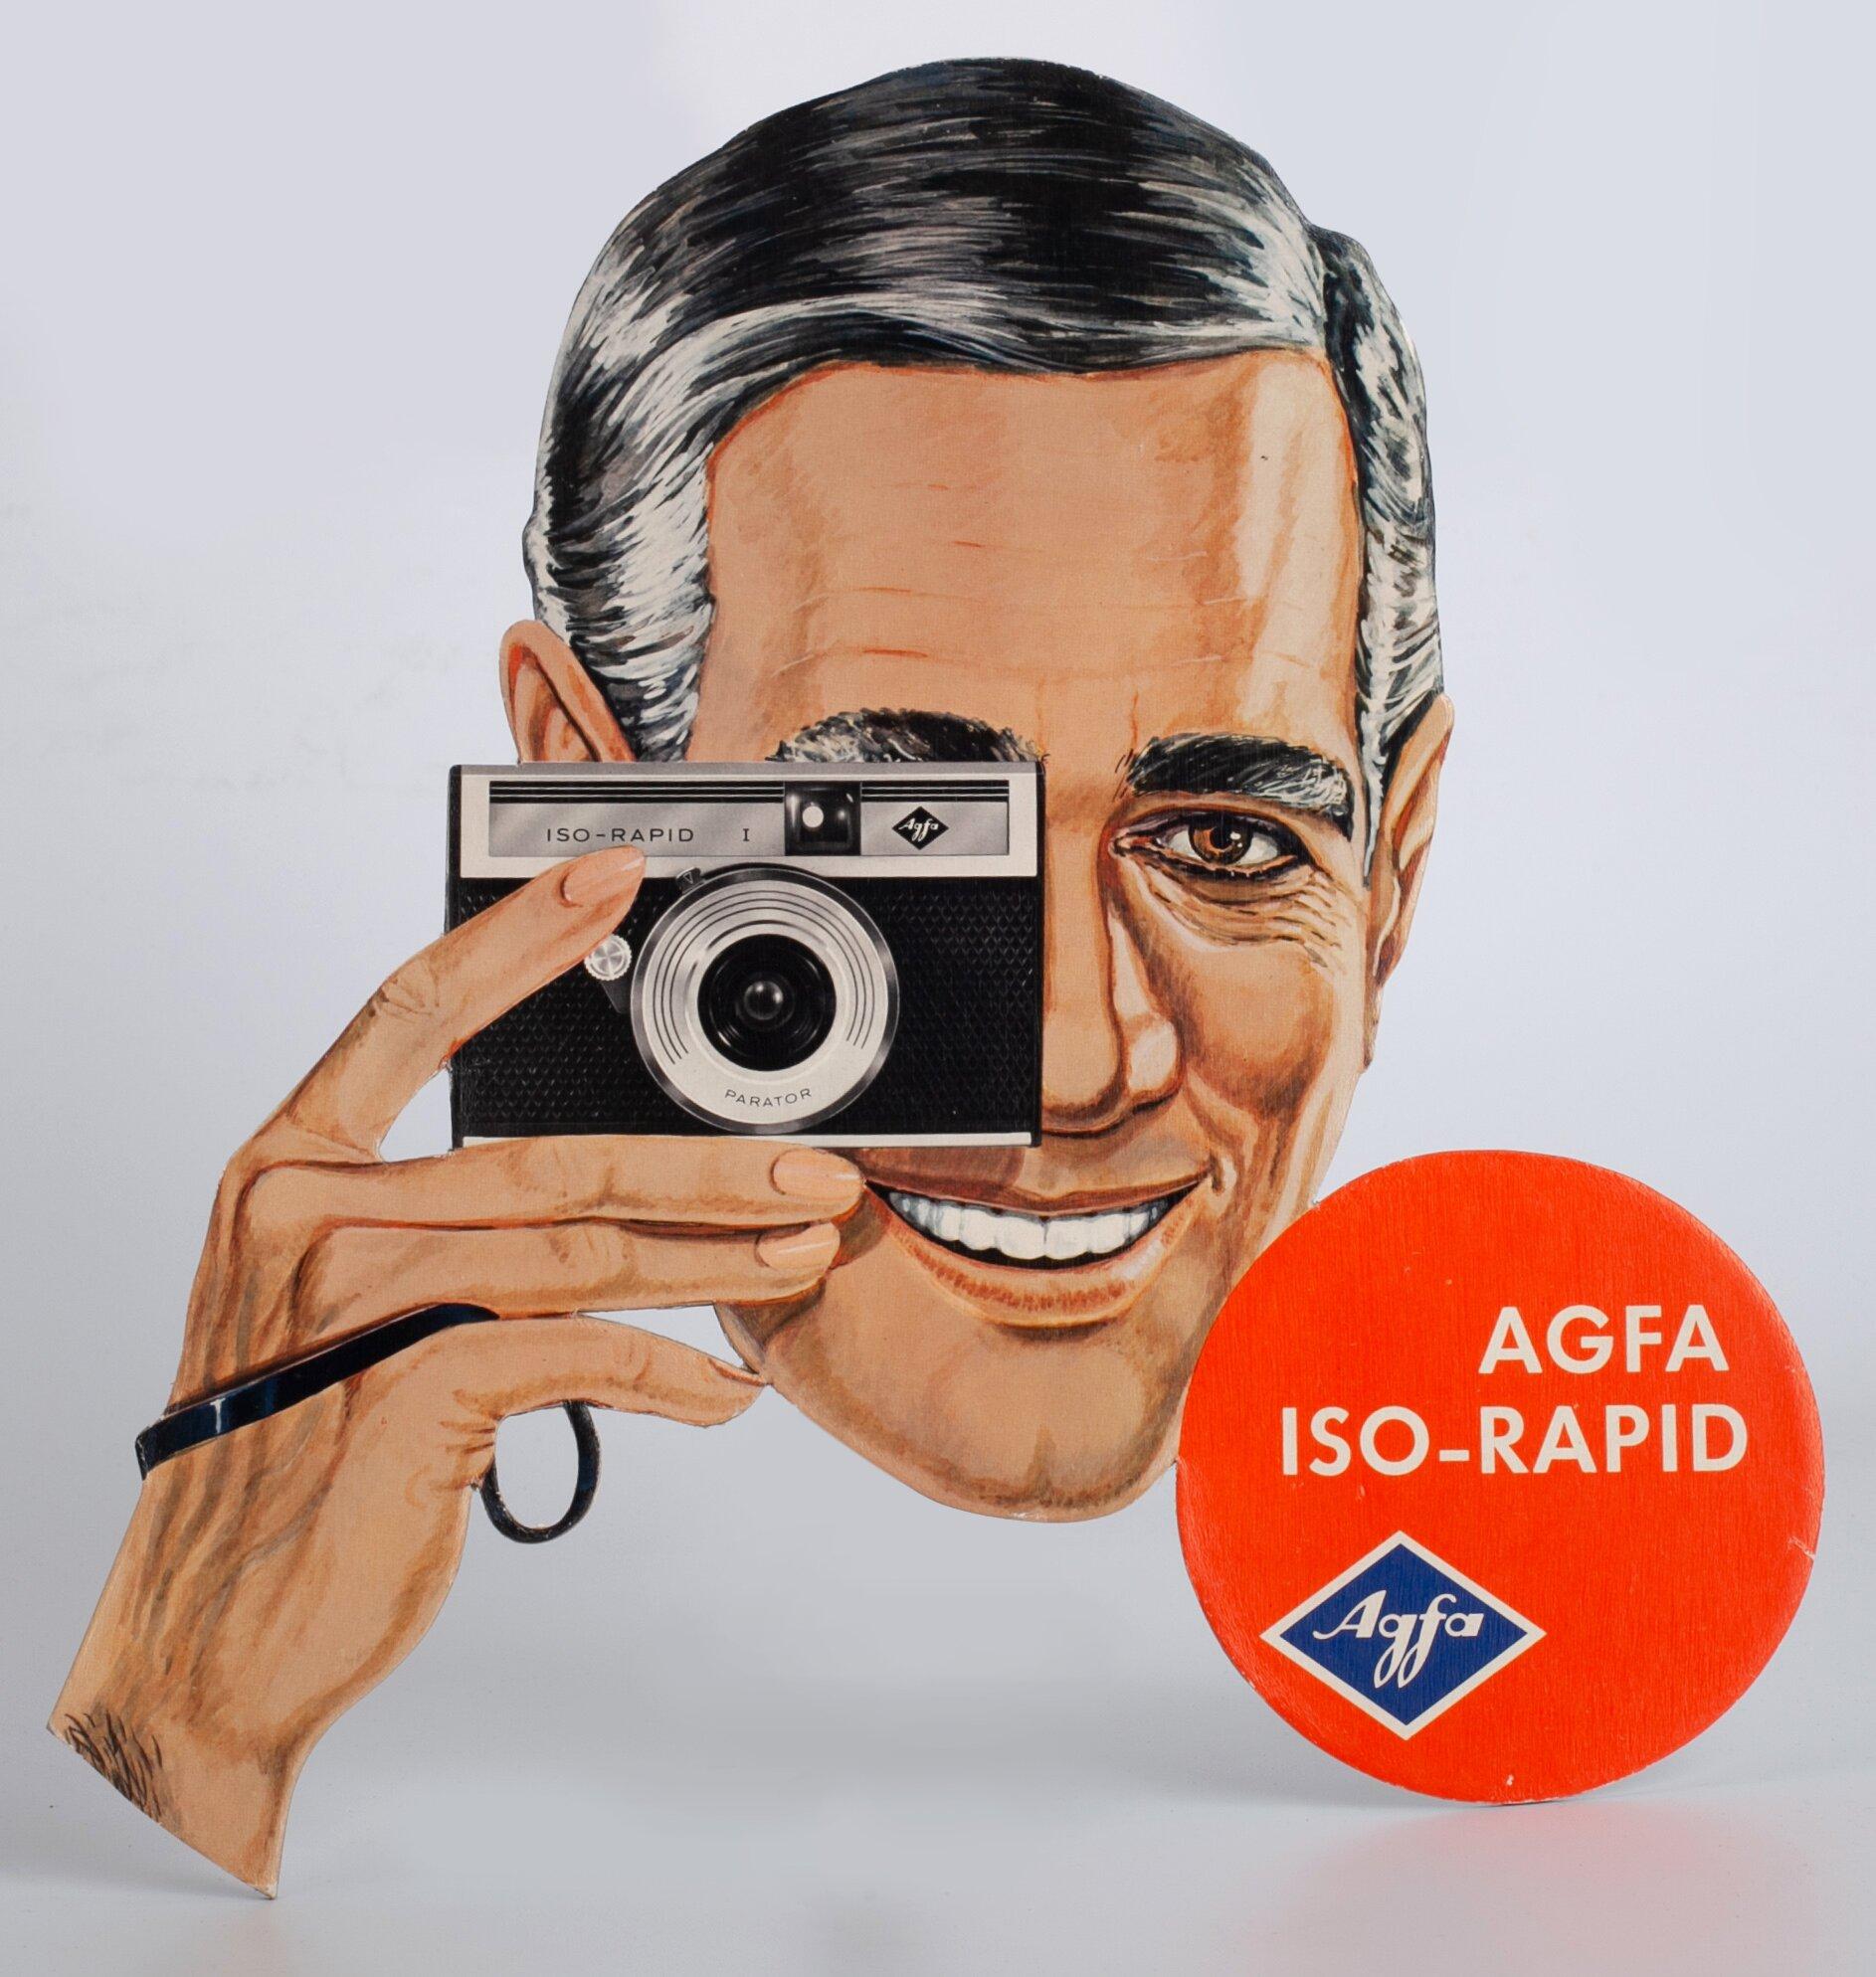 Agfa Iso-Rapid Werbung Werbeschild mit Mann 29,5x36cm